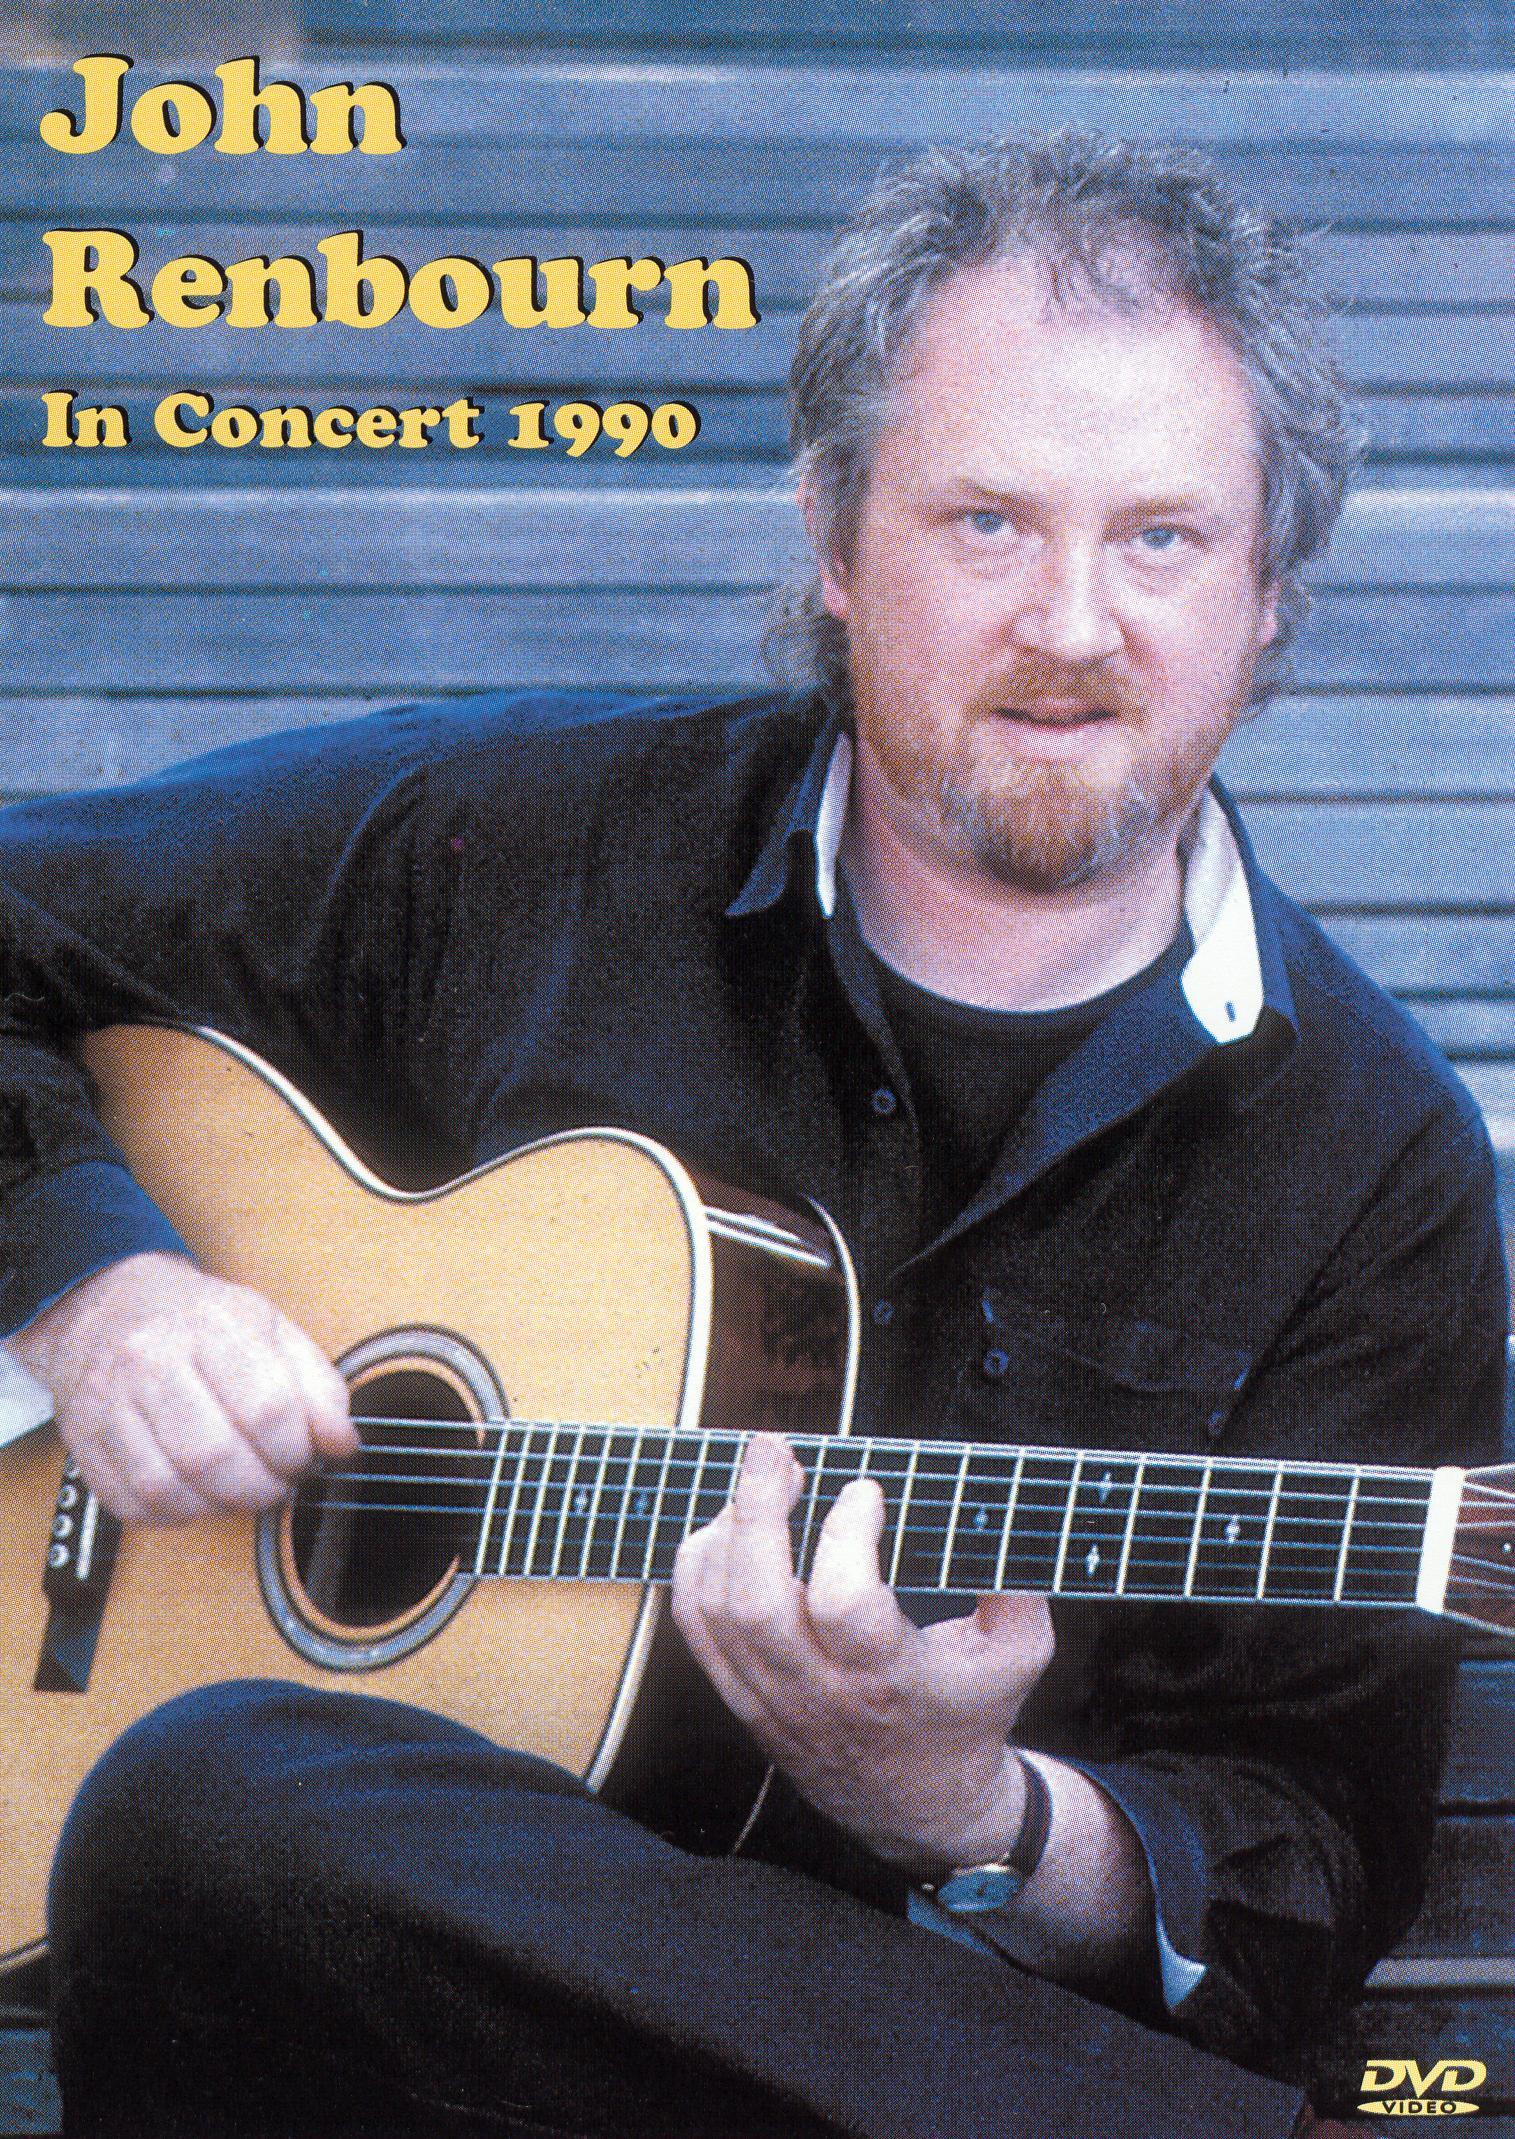 John Renbourn in Concert 1990